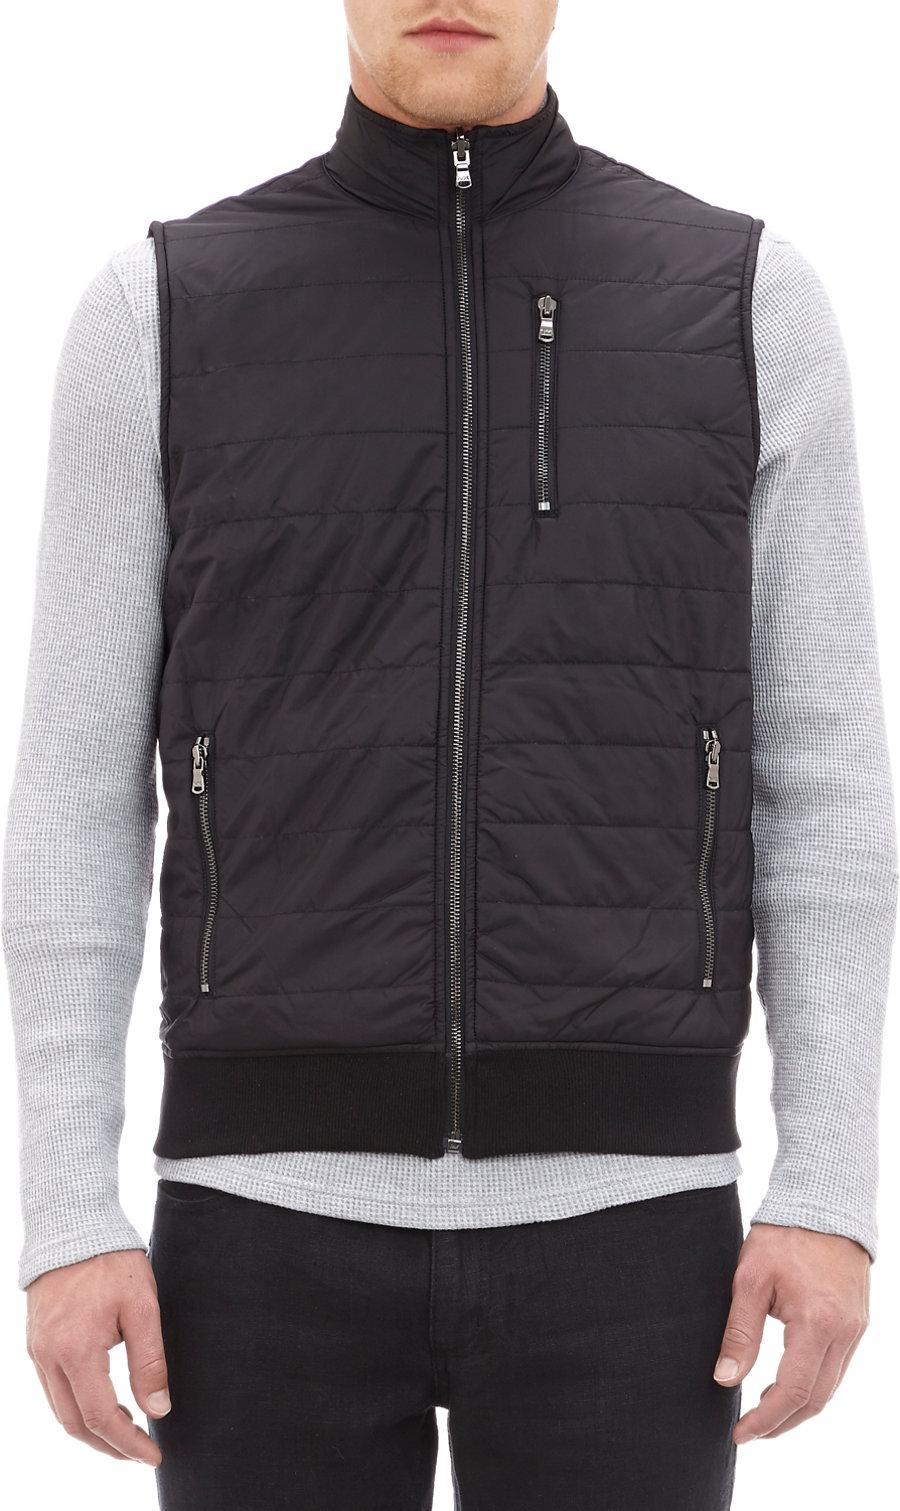 Michael Kors Reversible Vest In Black For Men Lyst